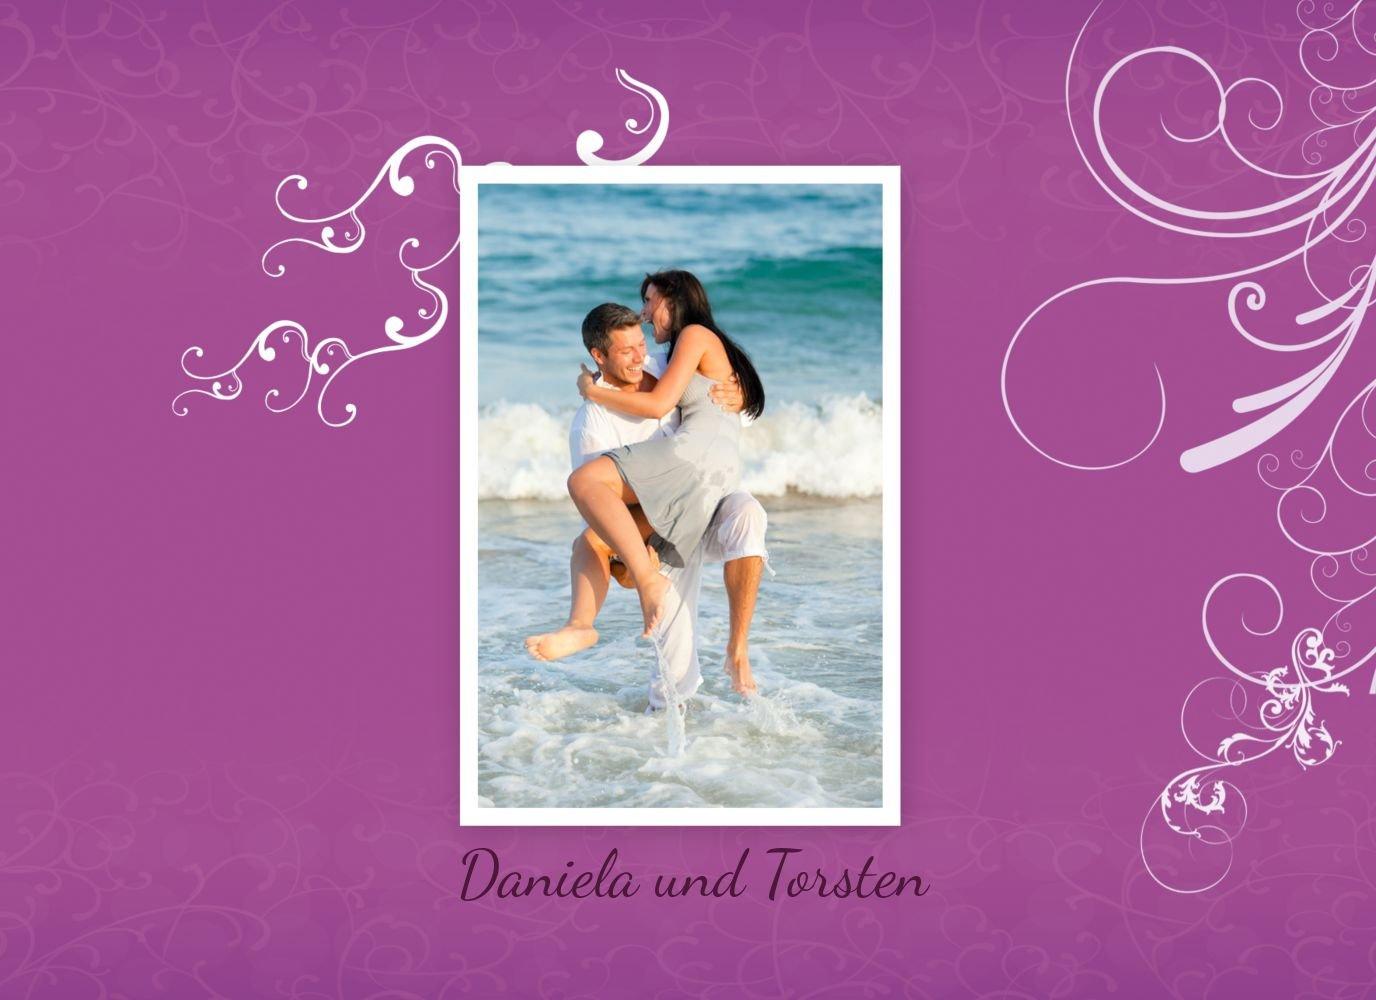 Kartenparadies Hochzeitskarte Hochzeit Einladung butterfly, hochwertige hochwertige hochwertige Einladung zur Heirat inklusive Umschläge   10 Karten - (Format  148x105 mm) Farbe  Lila B01NBX52LH | Verrückter Preis, Birmingham  | Günstige Bestellung  | Billig  251ad0